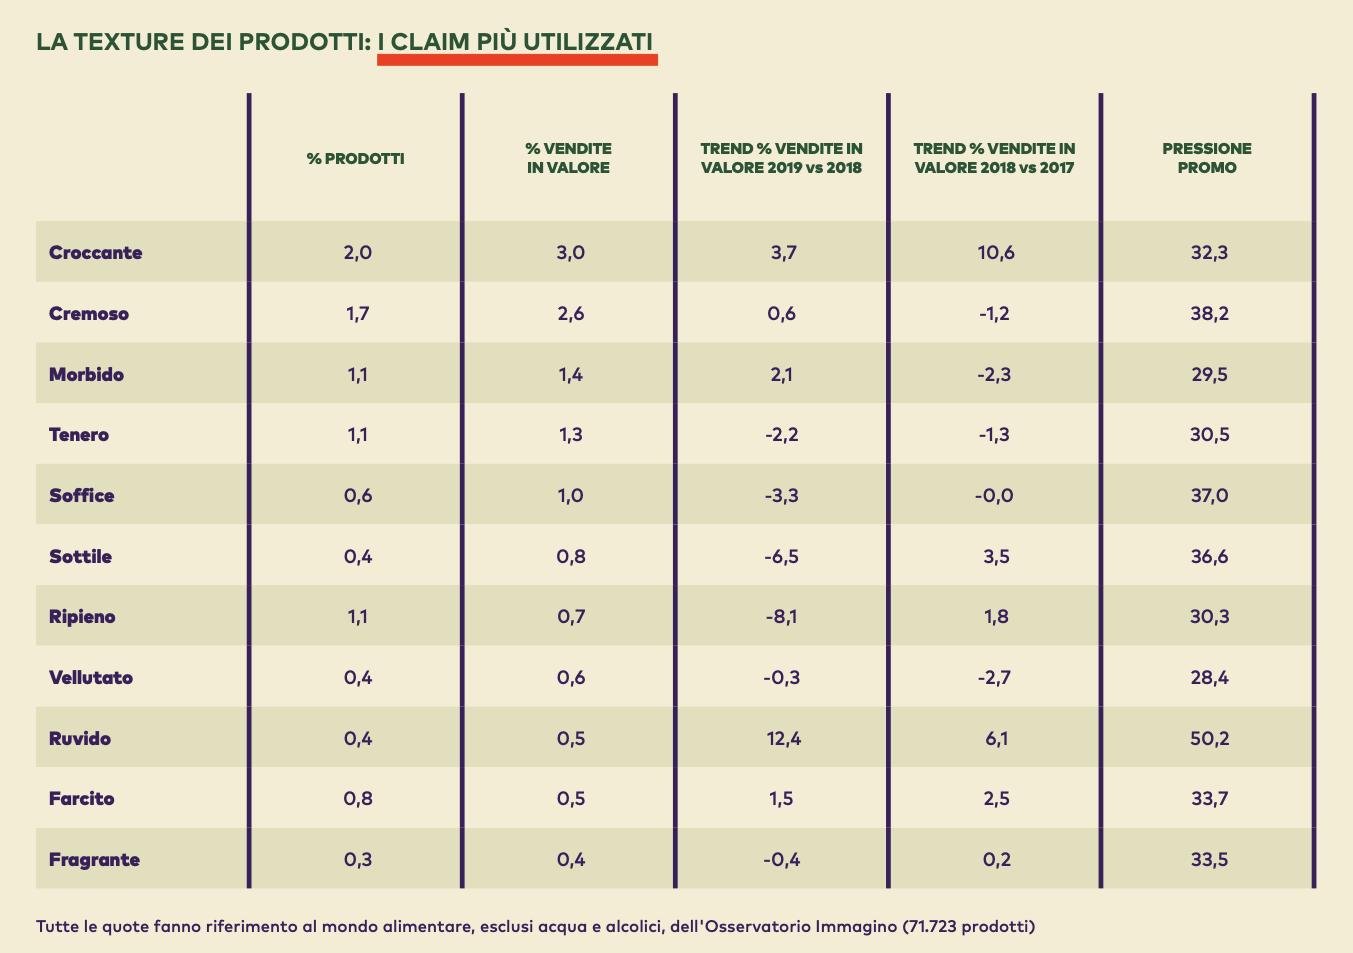 07 - i claim più utilizzati